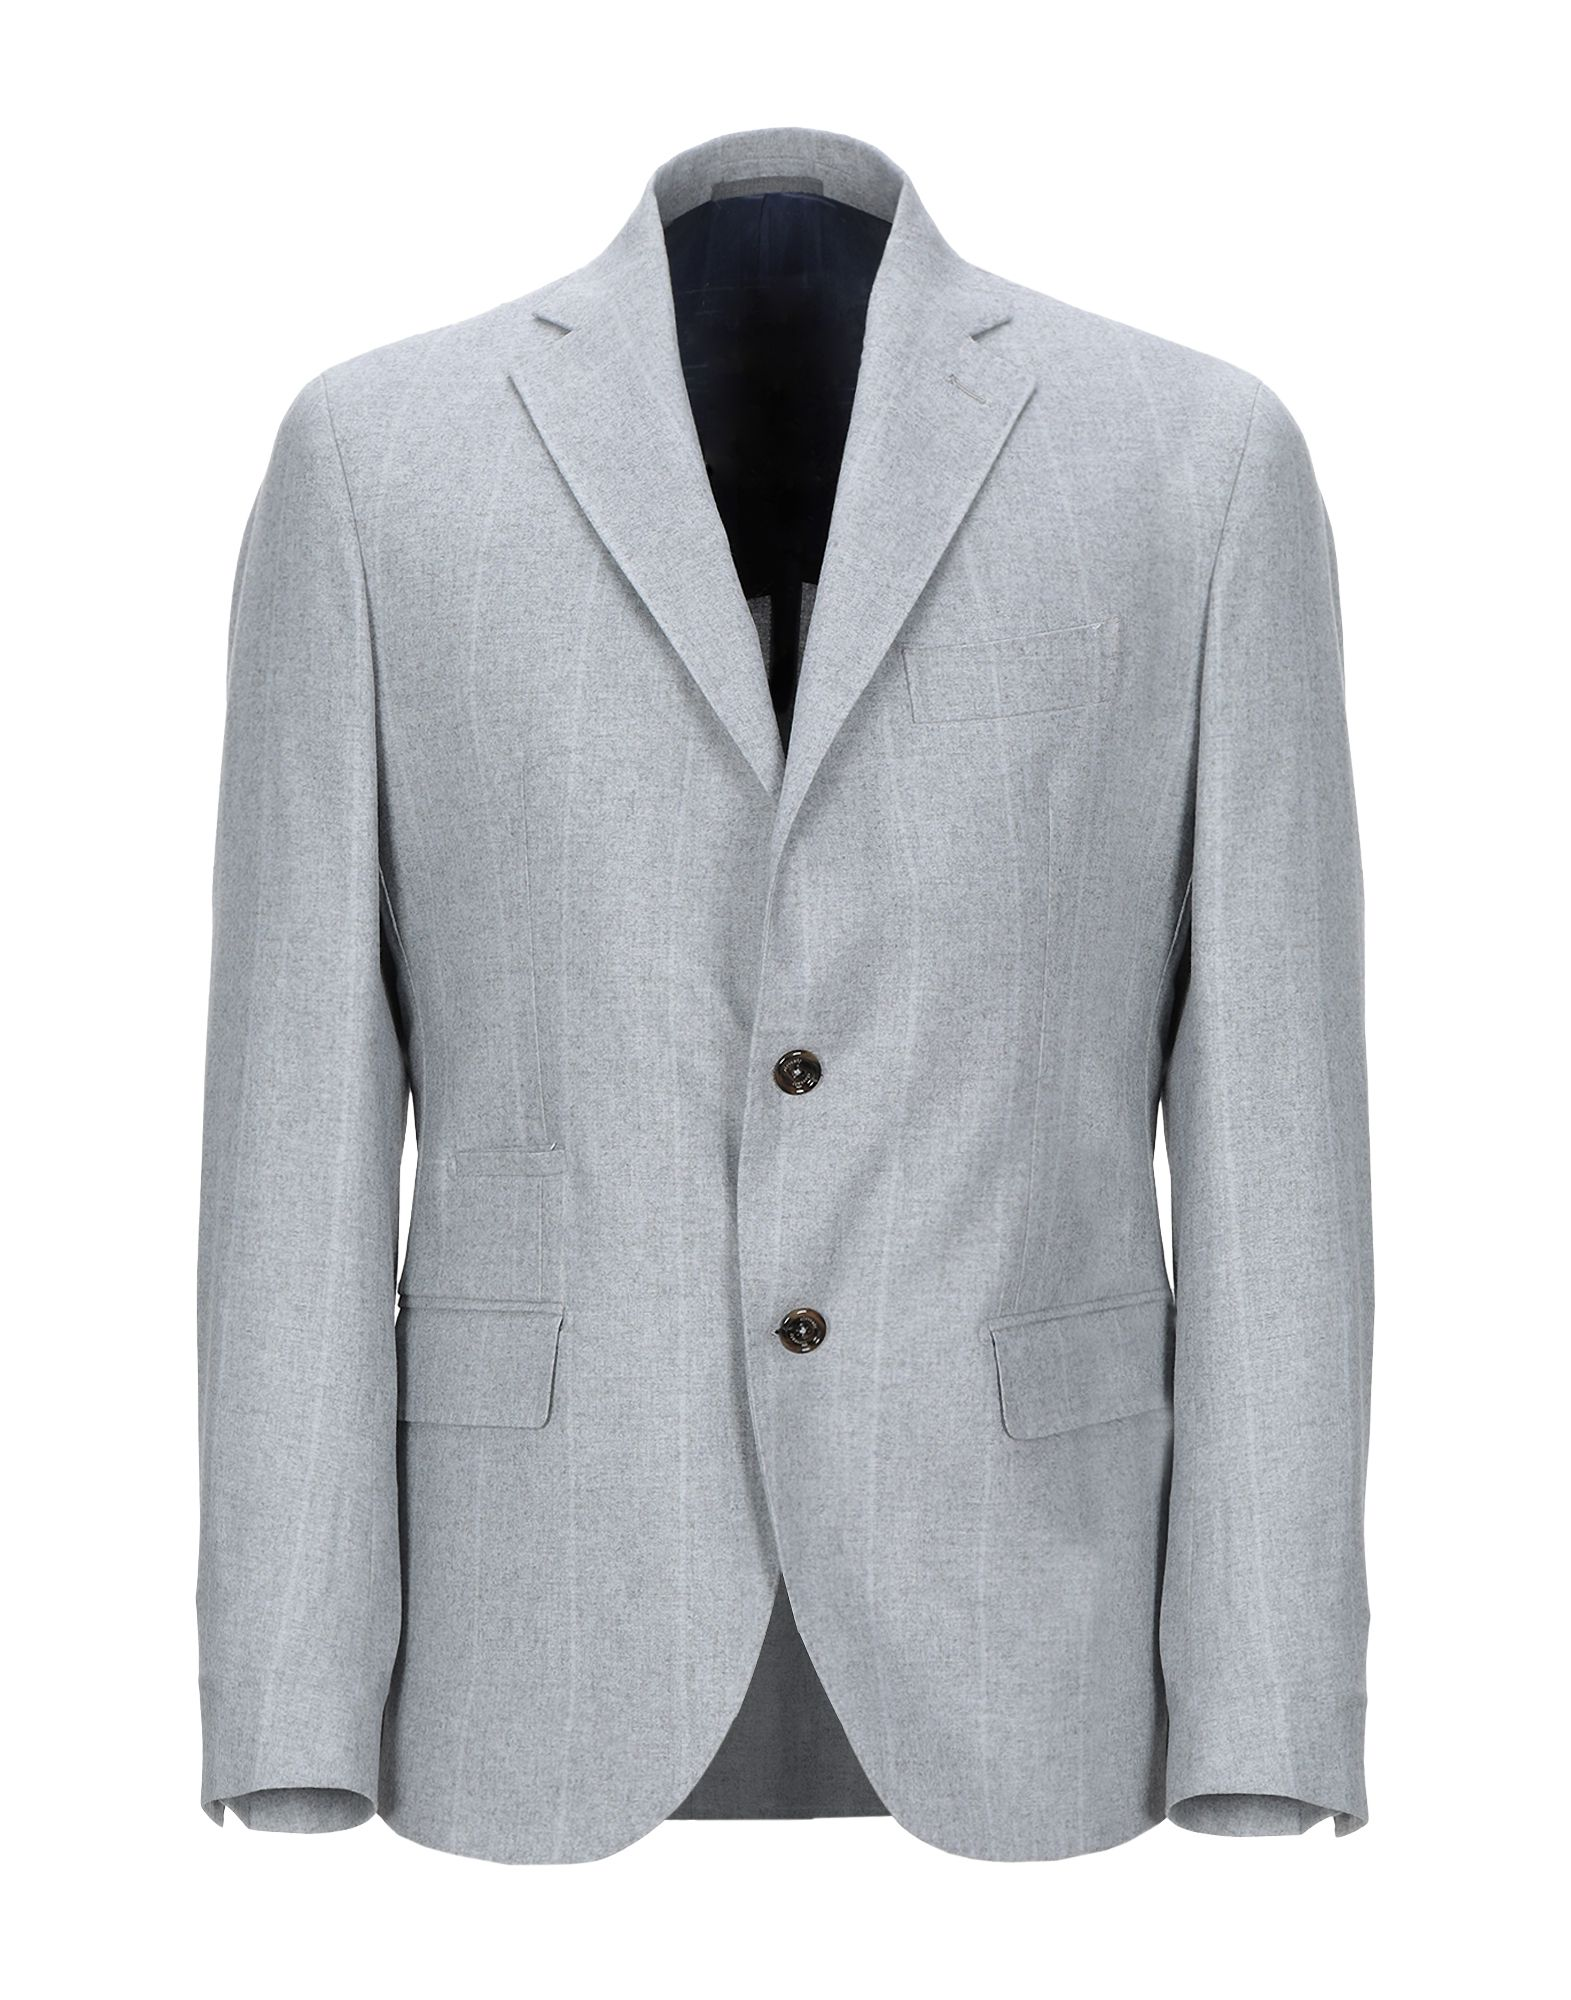 ELEVENTY Пиджак шерстяной пиджак мужской купить в москве